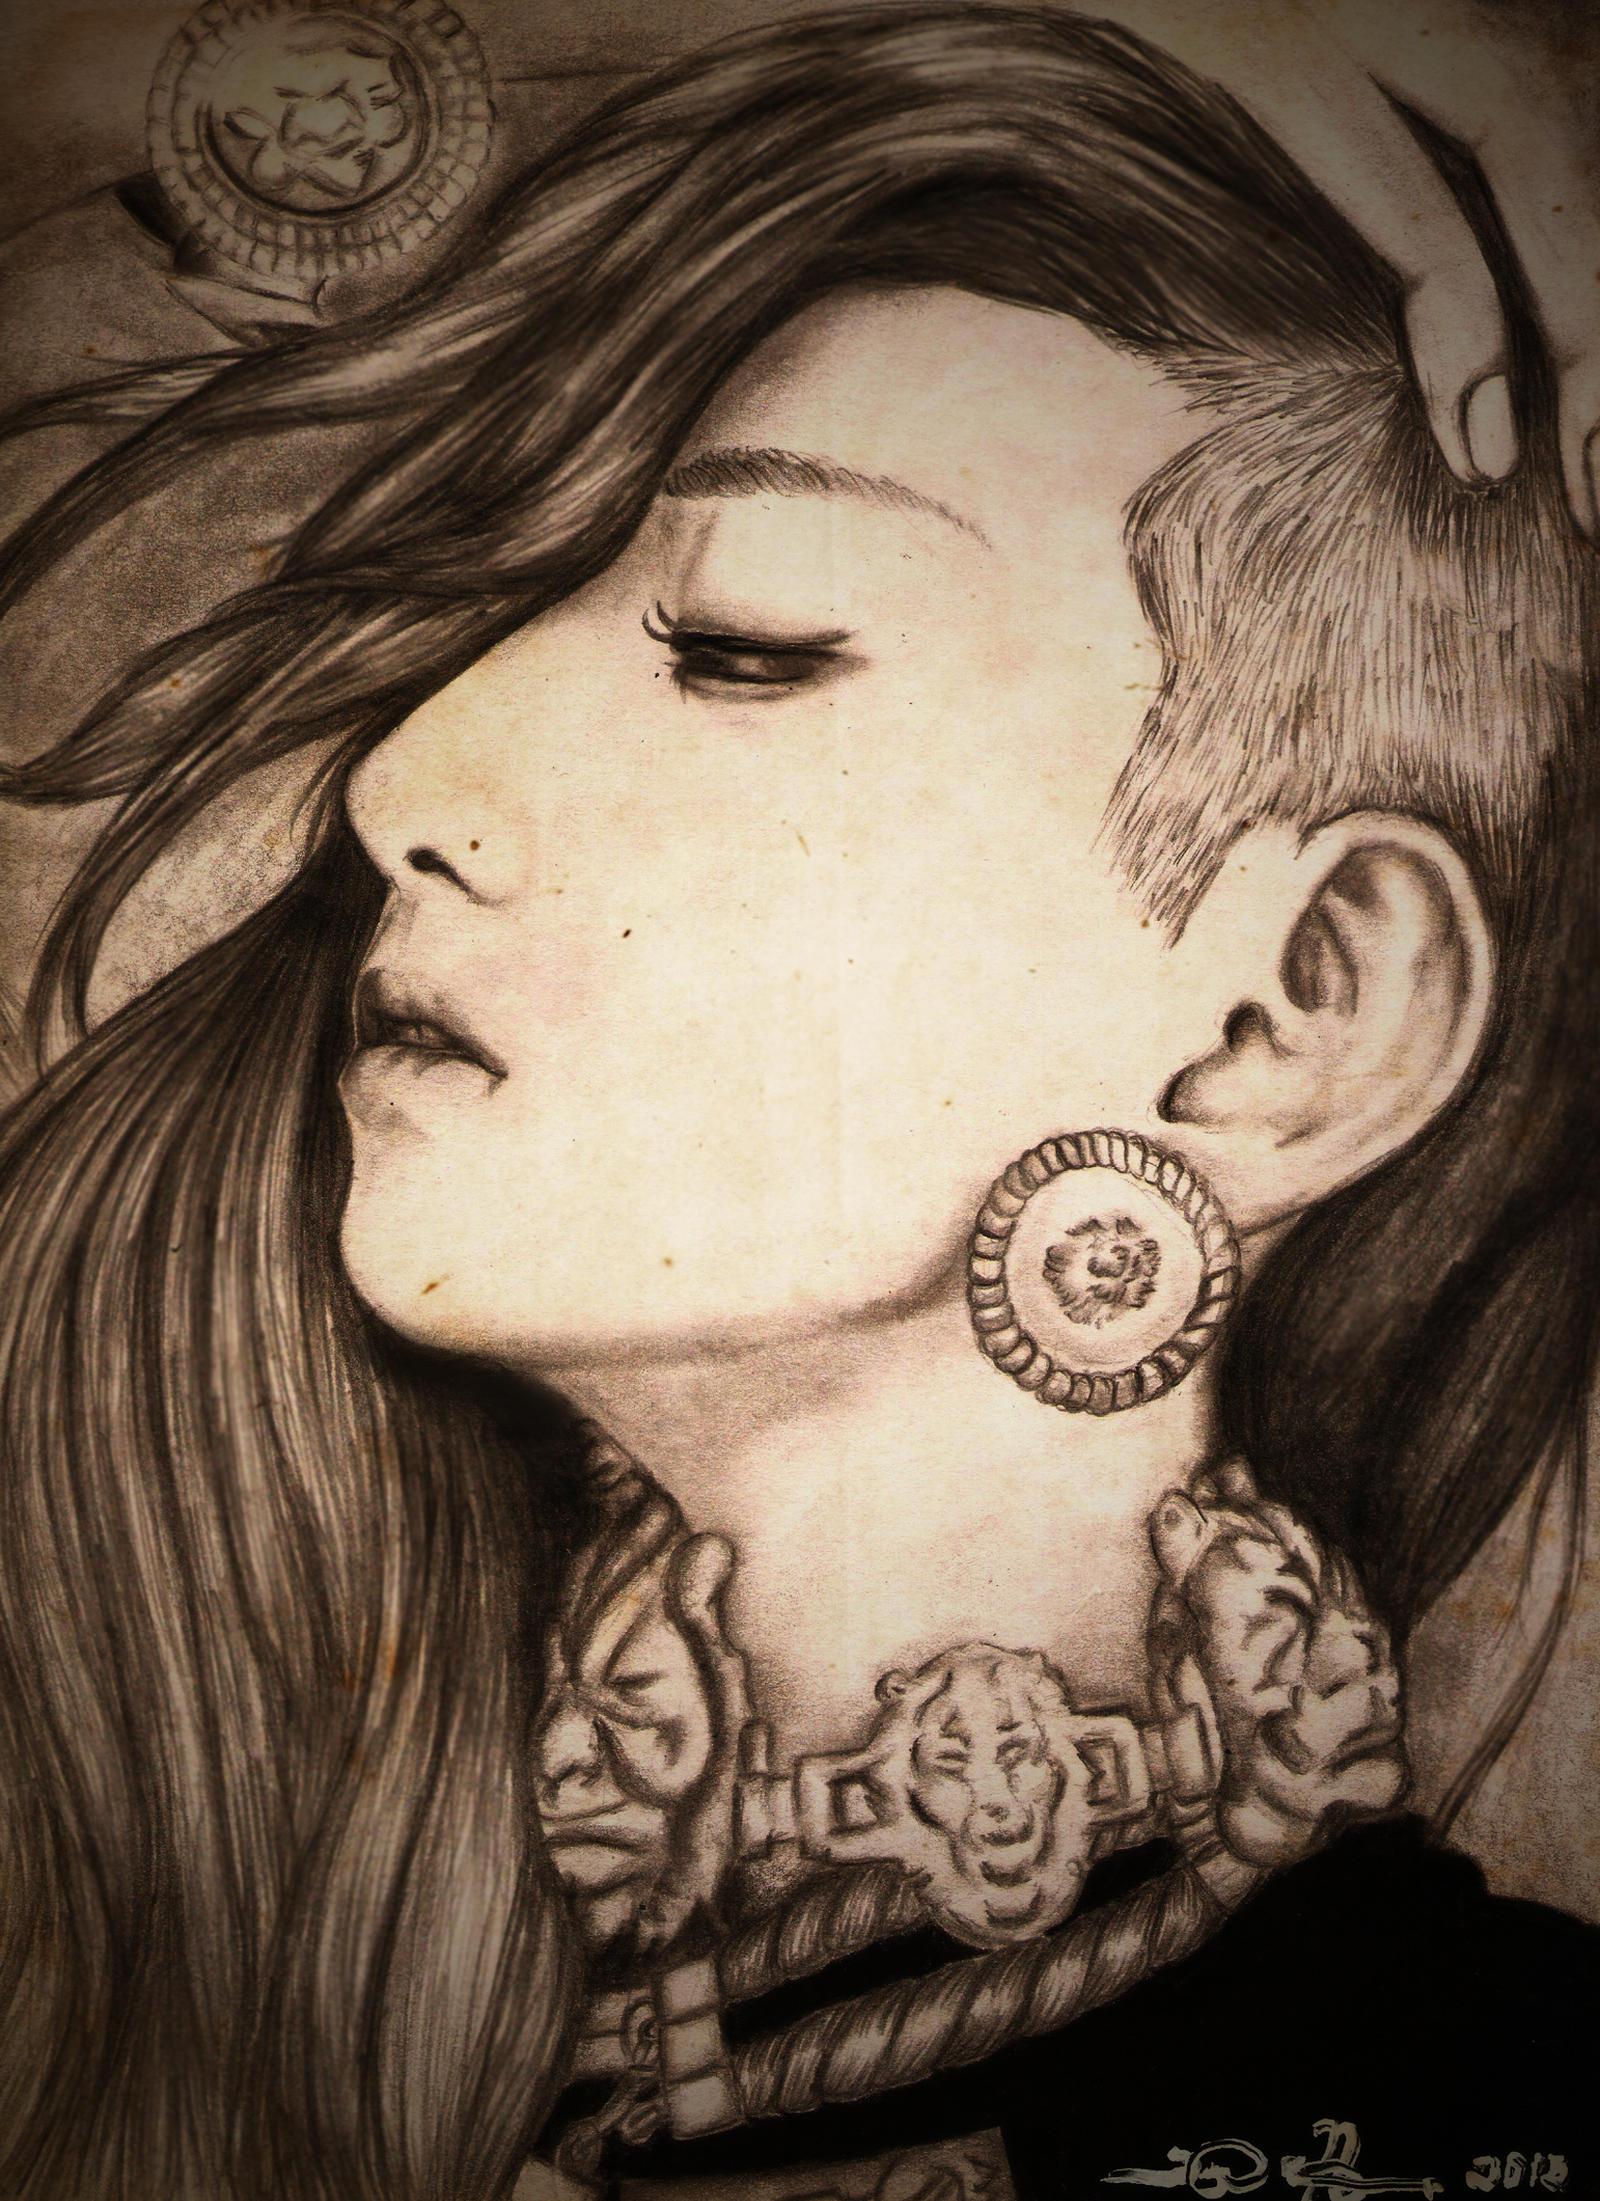 Dara by fineapaulworks